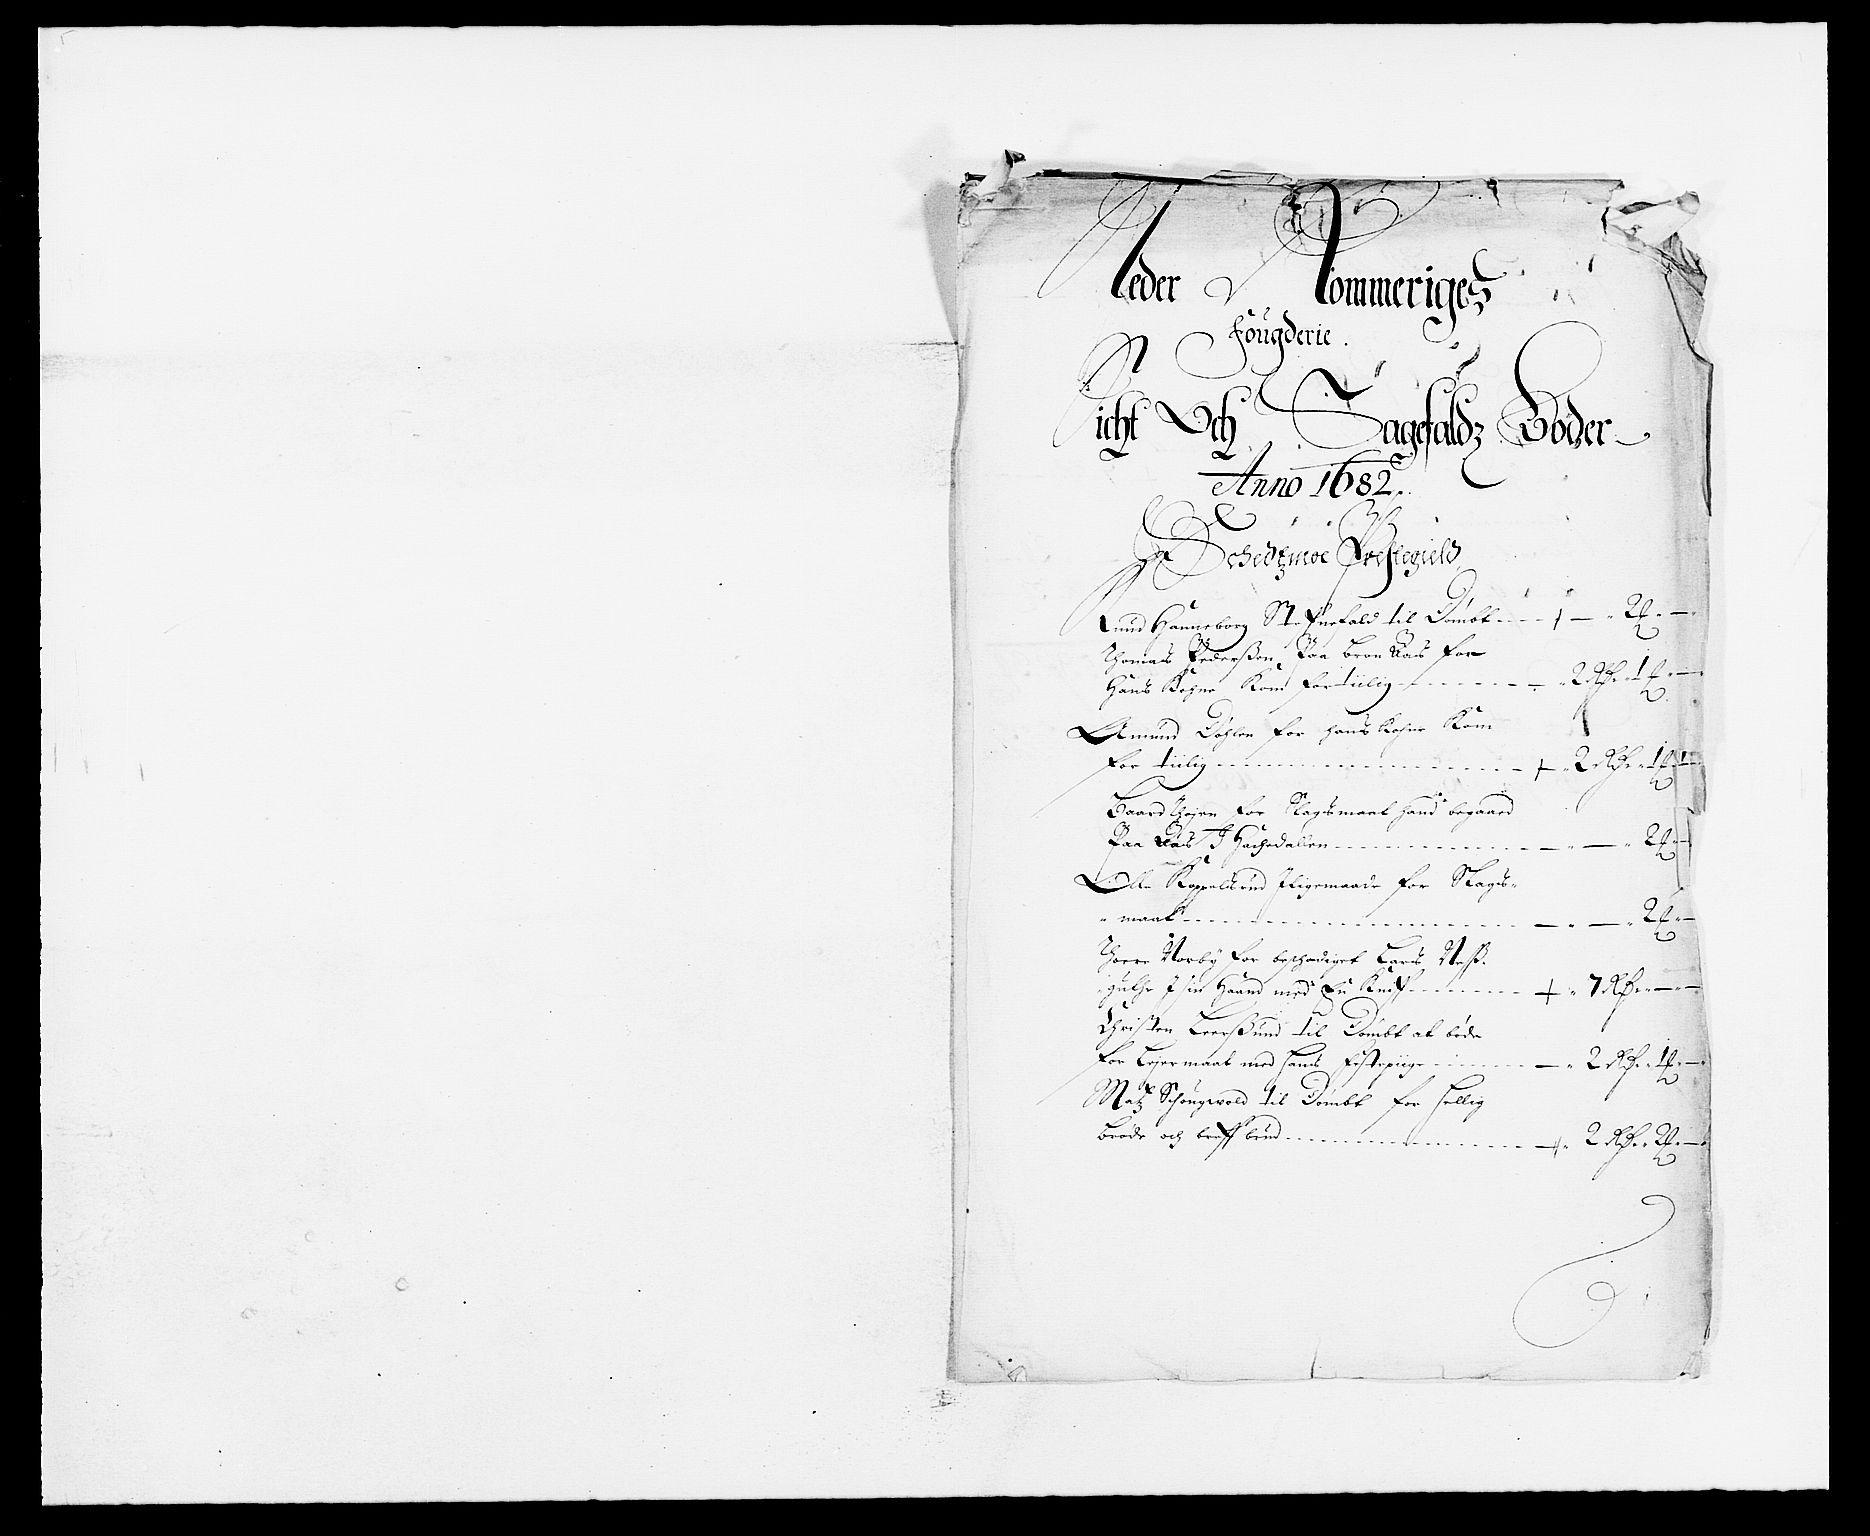 RA, Rentekammeret inntil 1814, Reviderte regnskaper, Fogderegnskap, R11/L0570: Fogderegnskap Nedre Romerike, 1682, s. 78